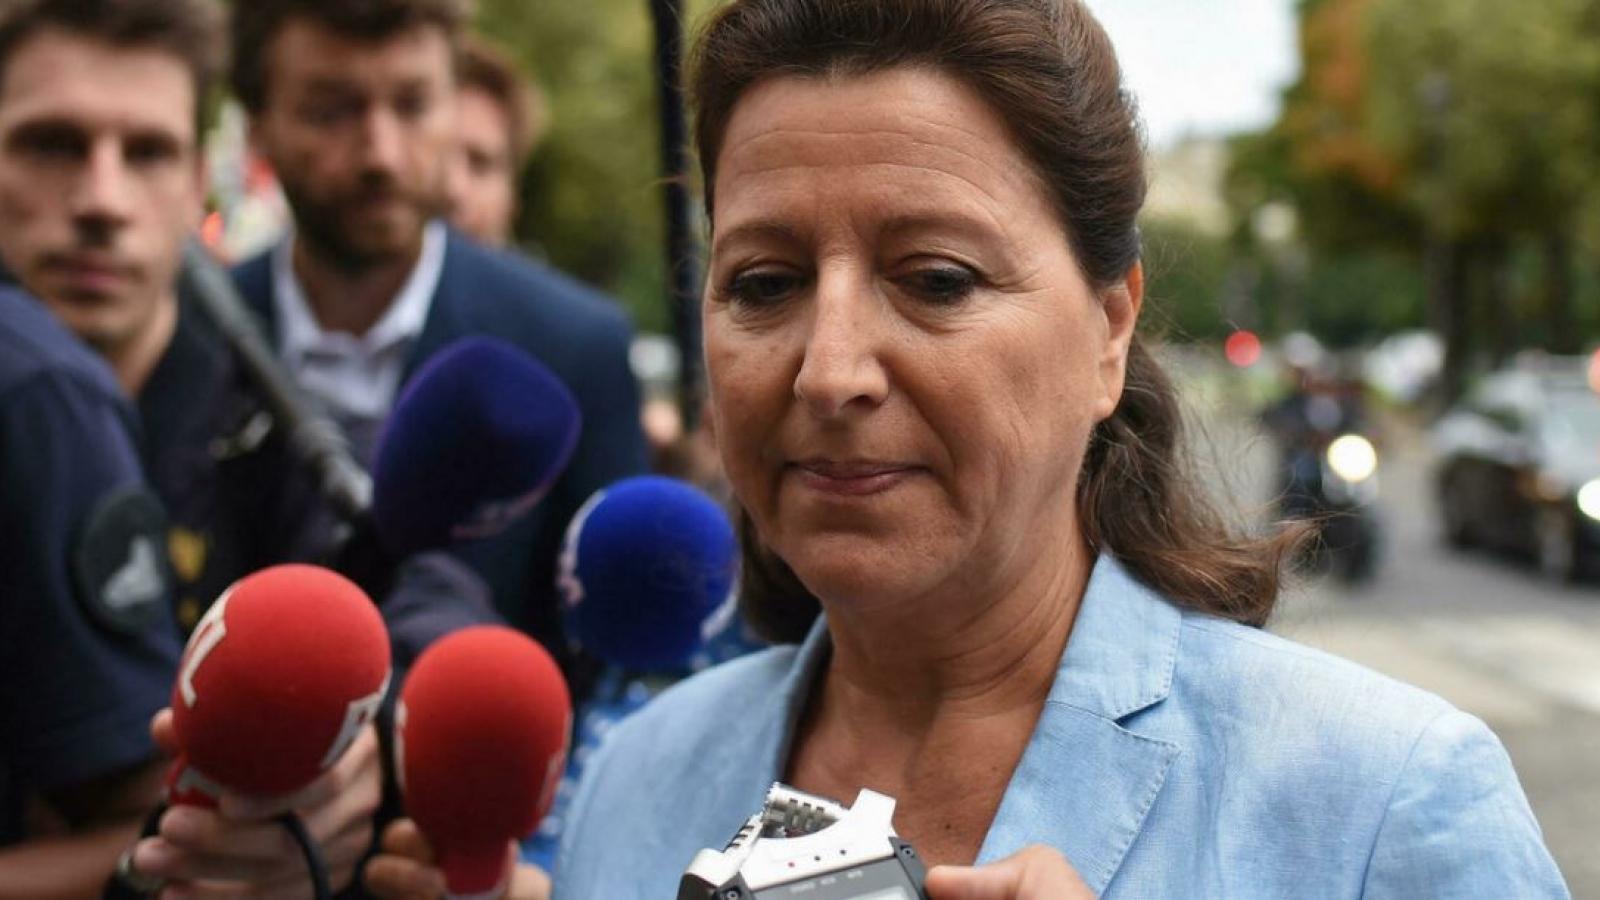 Pháp tranh cãi về quyết định khởi tố cựu Bộ Trưởng Y tế vì trách nhiệm chống COVID-19